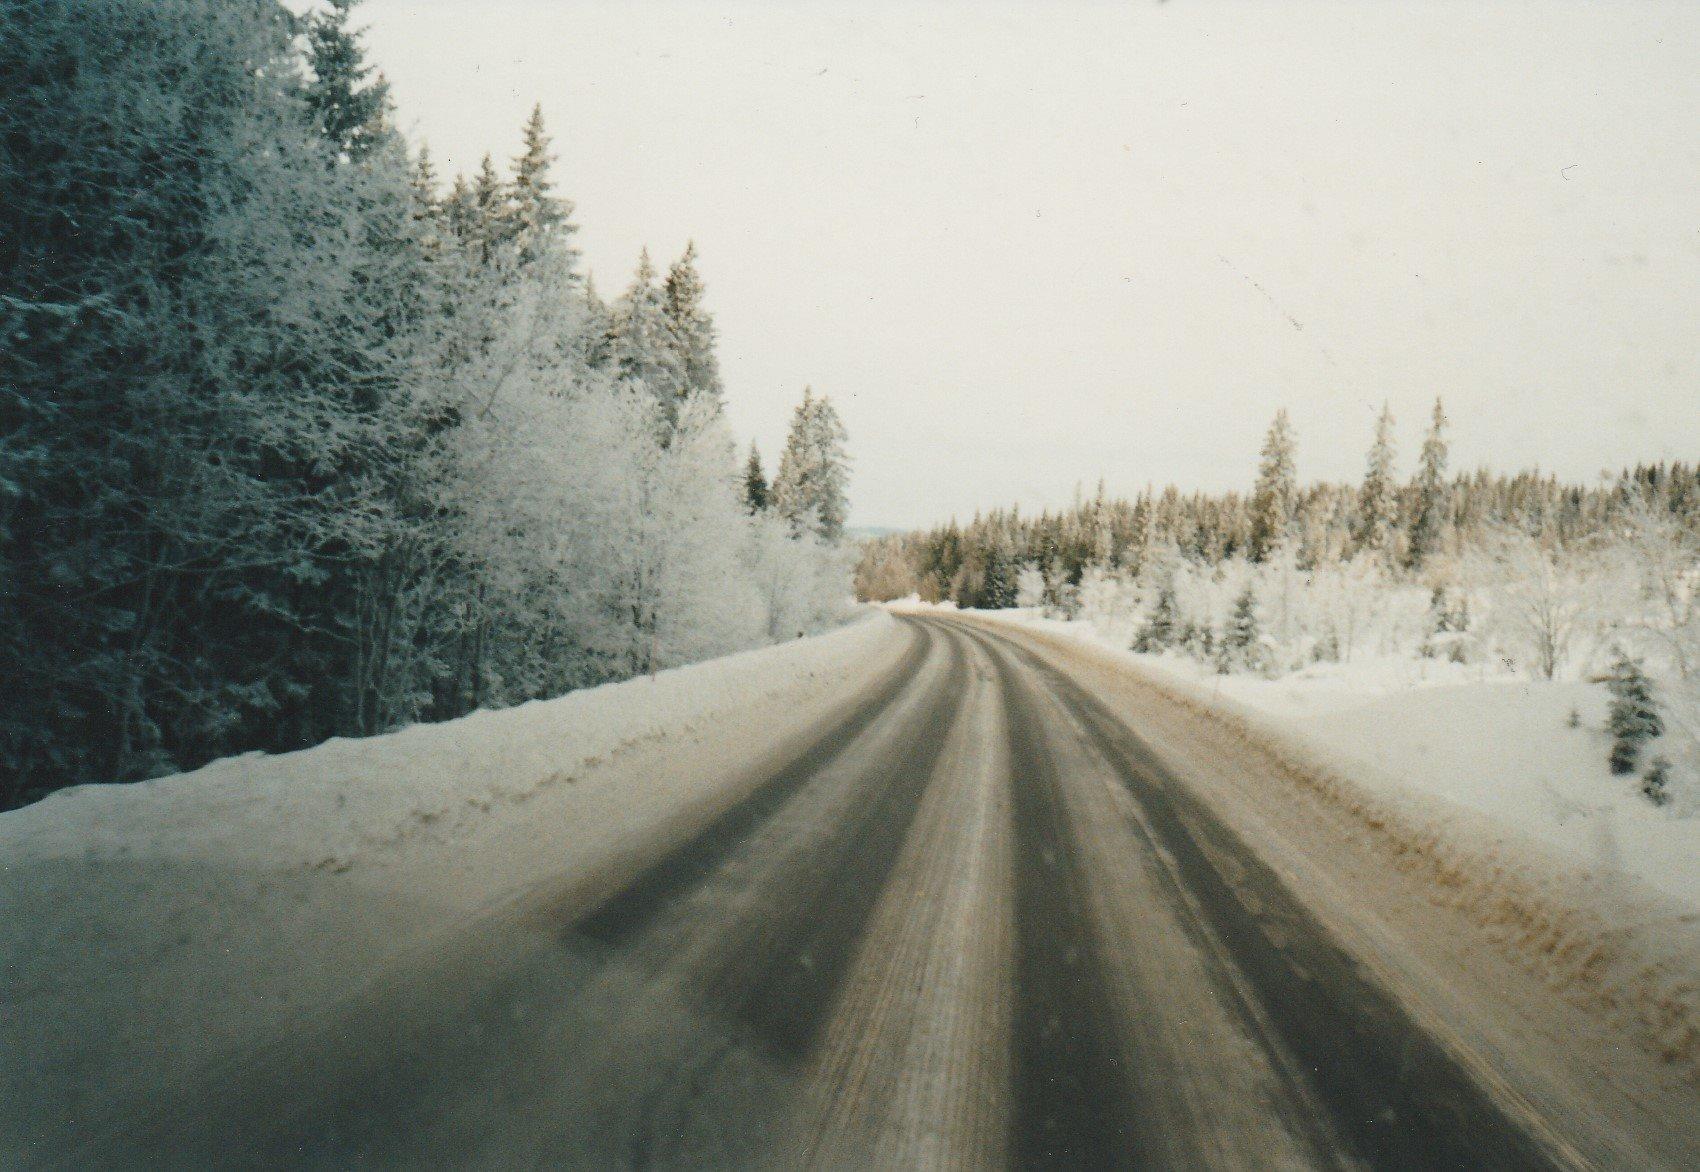 Hans-Anthonise--Een-Italie-ganger-verdwaald-in-Trysil-Noorwegen.-Tussen-Hamar-en-Trysil--23-graden-celcius--Hout-geladen-voor-Nederland--Midden-in-een-wintersportgebied--bij-de-skiliften7